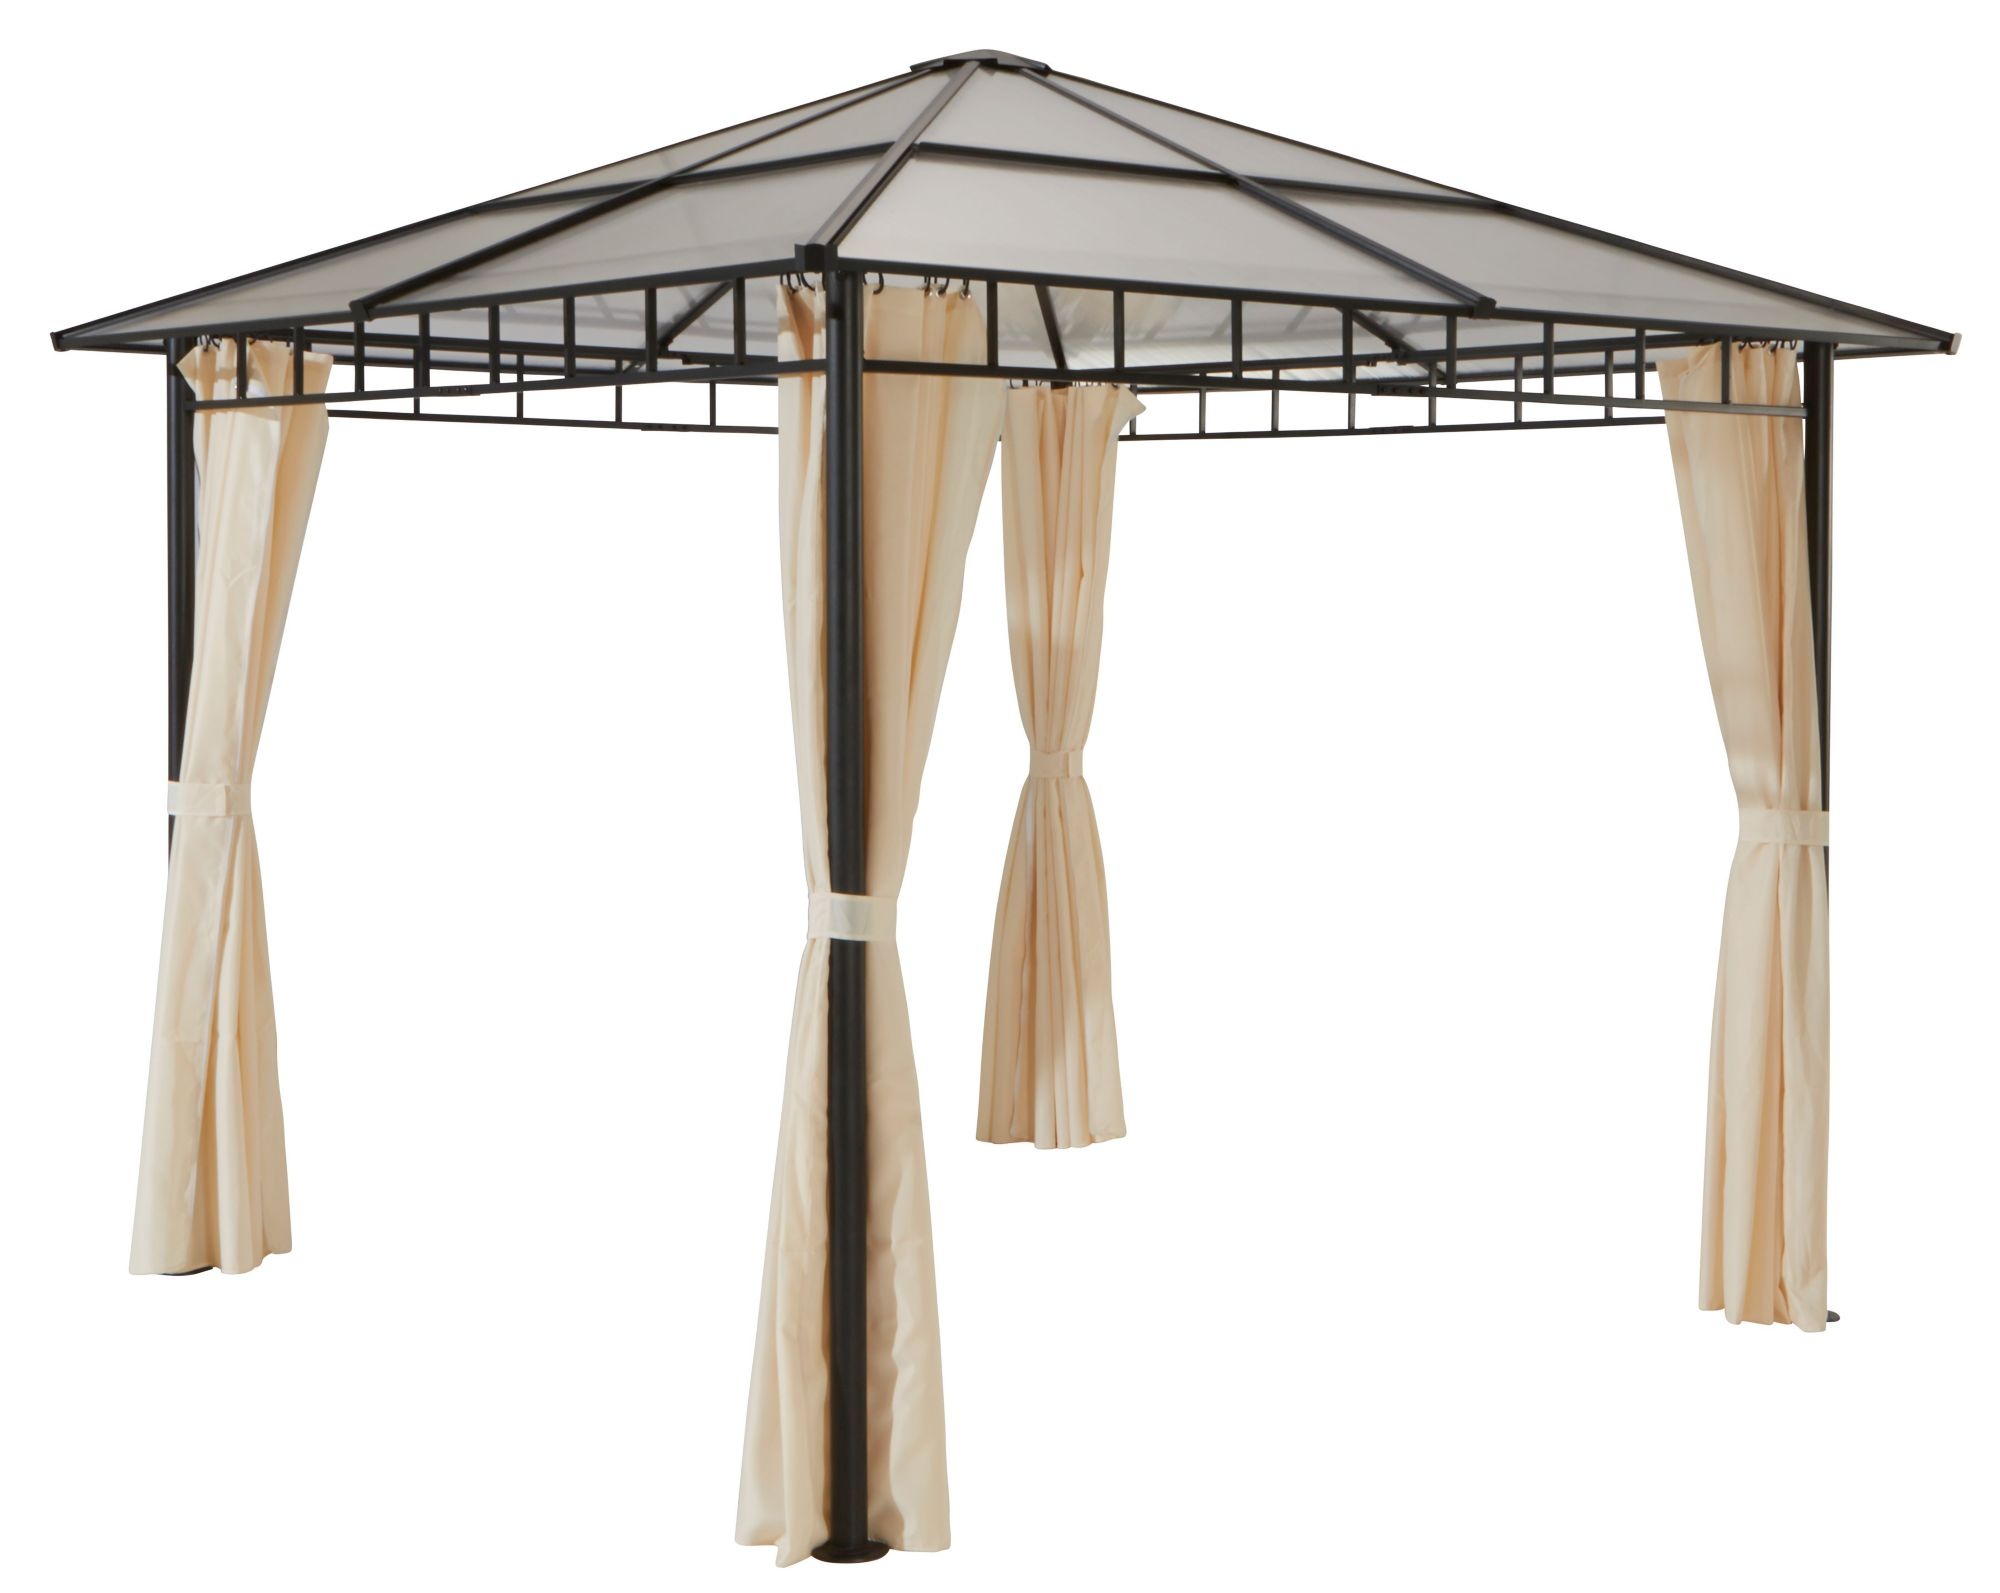 seitenteile pavillon g nstig online kaufen beim schwab versand. Black Bedroom Furniture Sets. Home Design Ideas